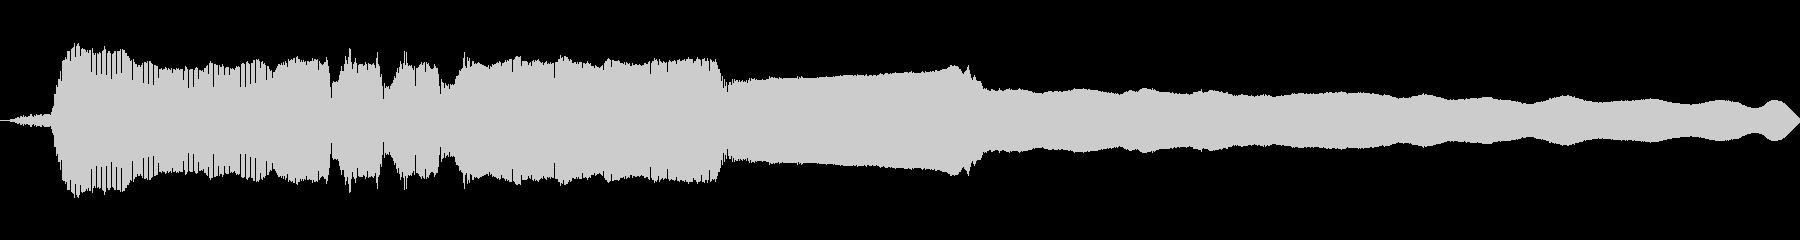 こぶし03(C)の未再生の波形